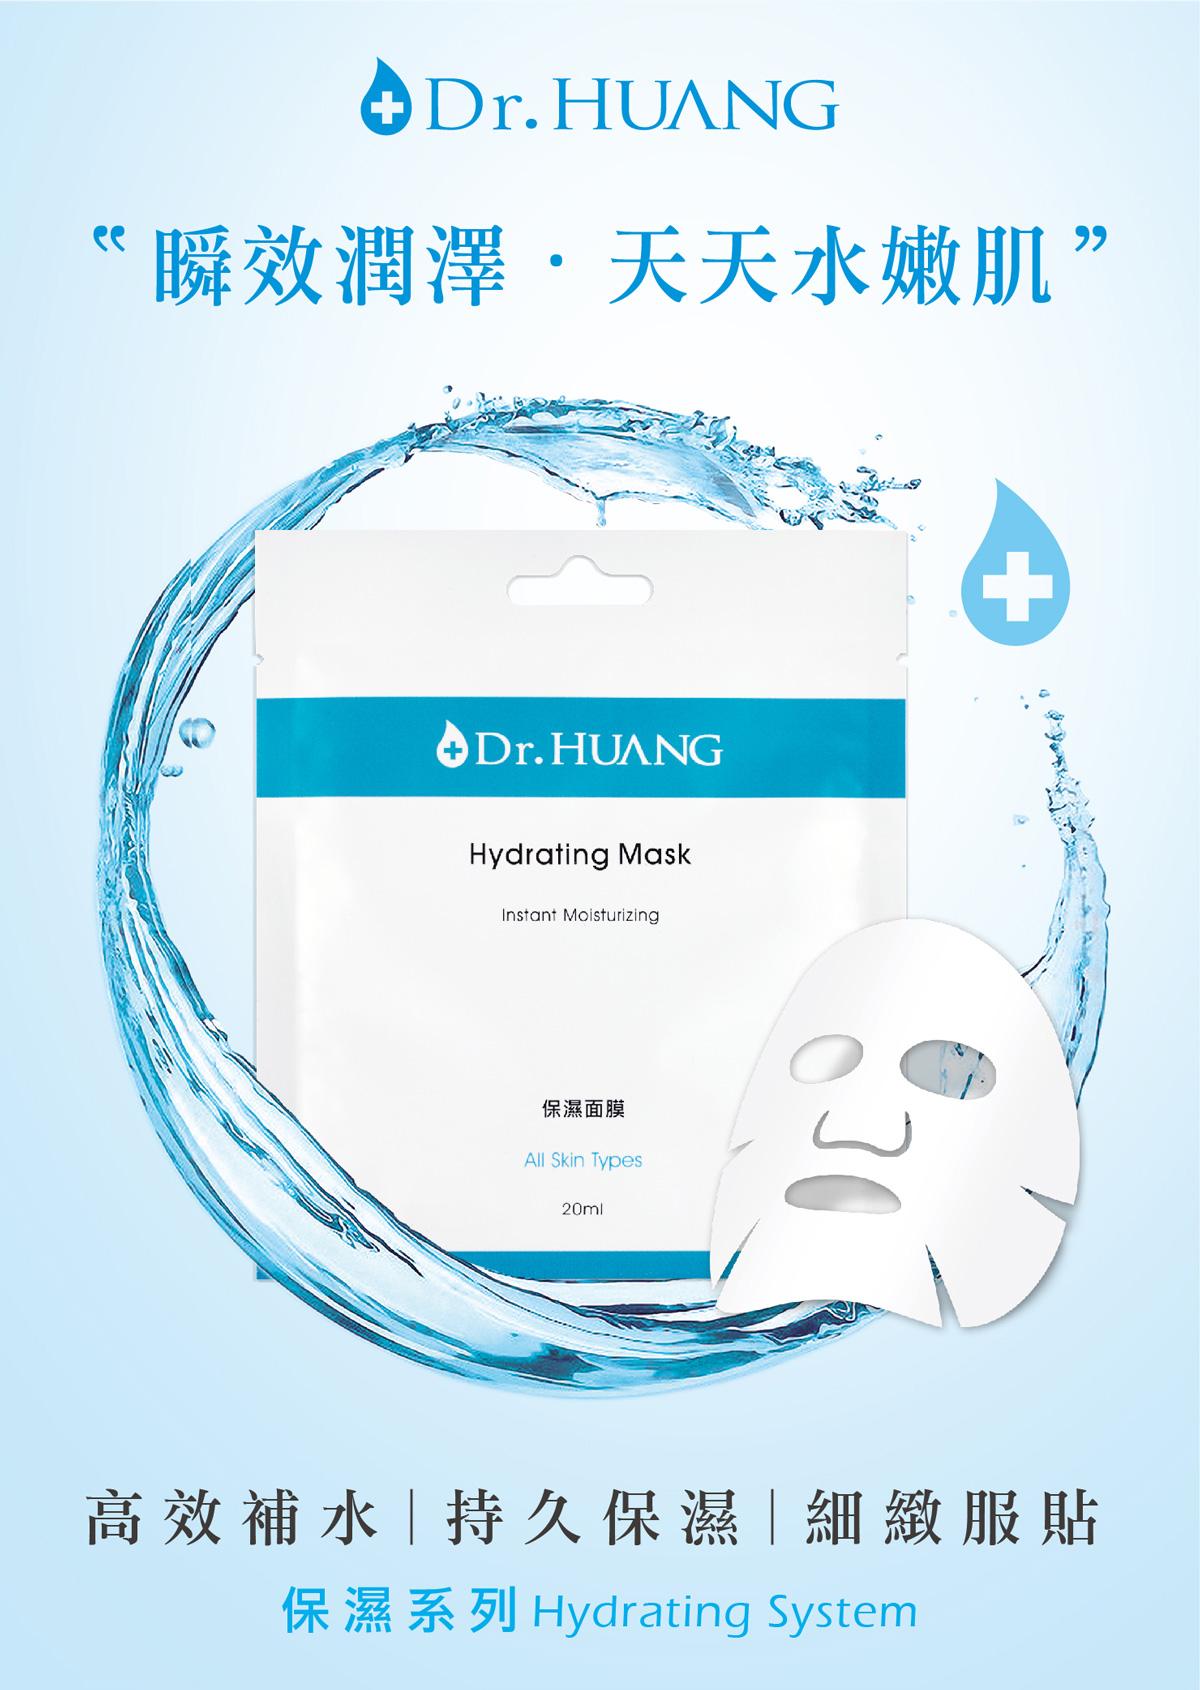 高校補水持久保濕細緻服貼dr.huang保濕面膜